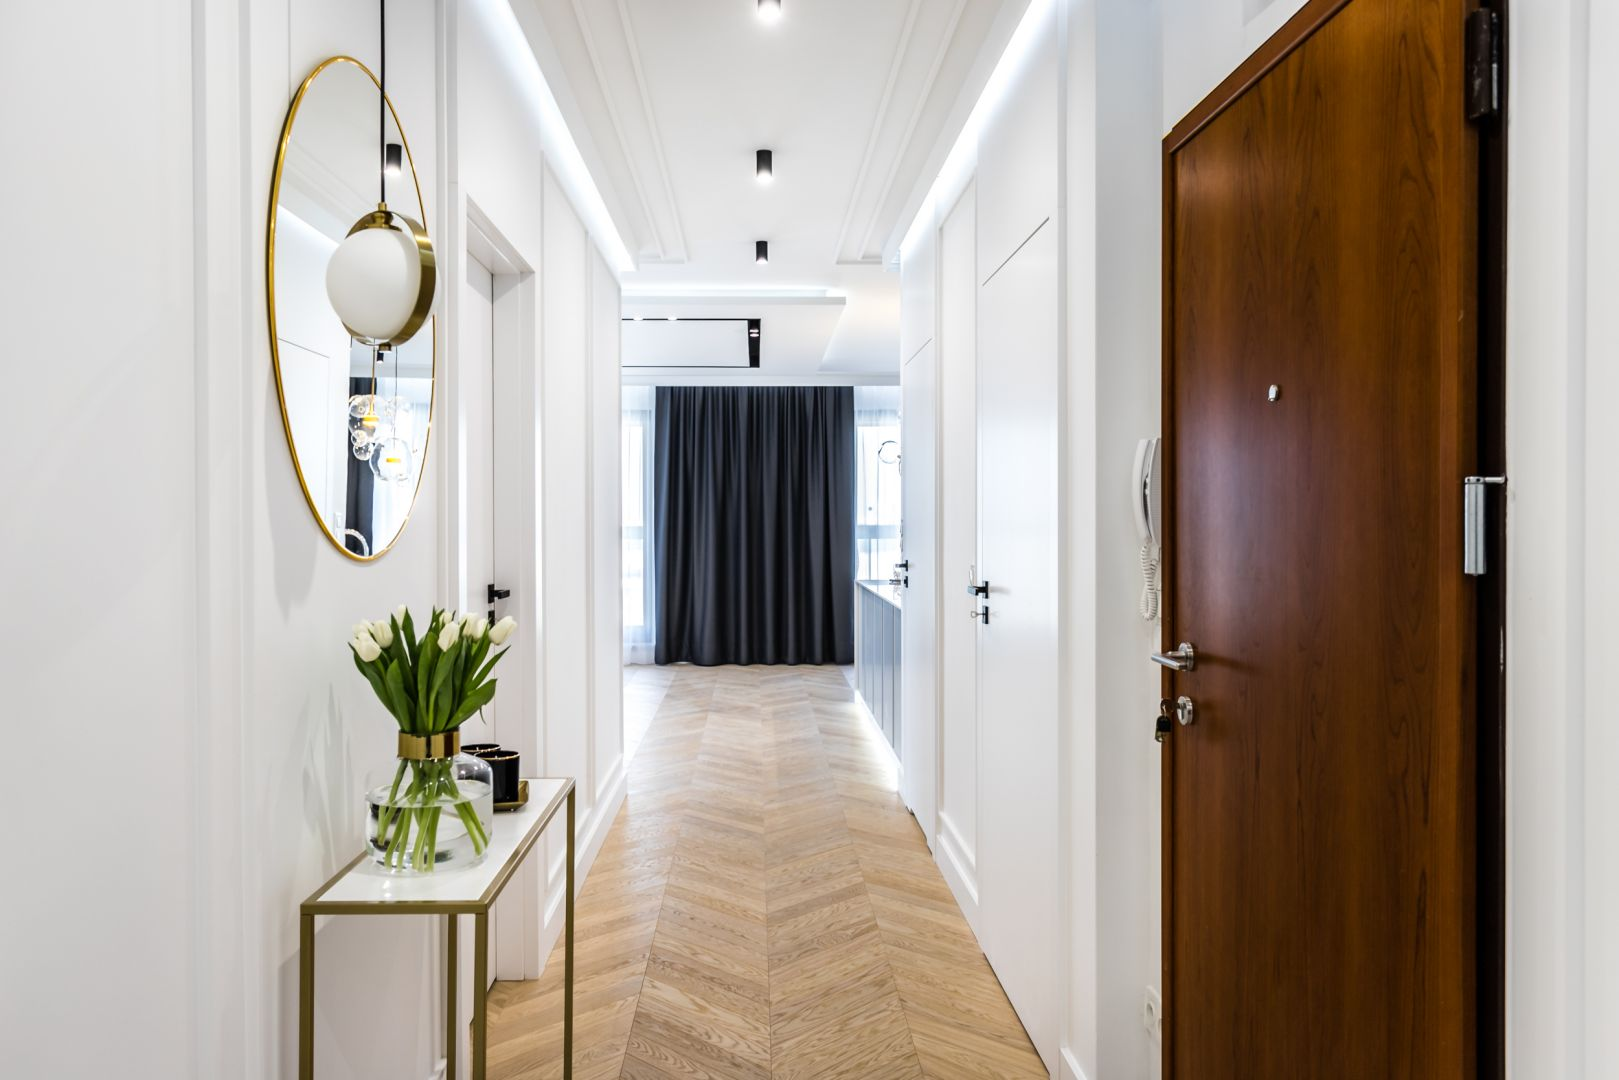 Aranżacja korytarza. Stylowa konsola doda uroku przedpokojowi. Projekt i zdjęcia: Moovin Interiors